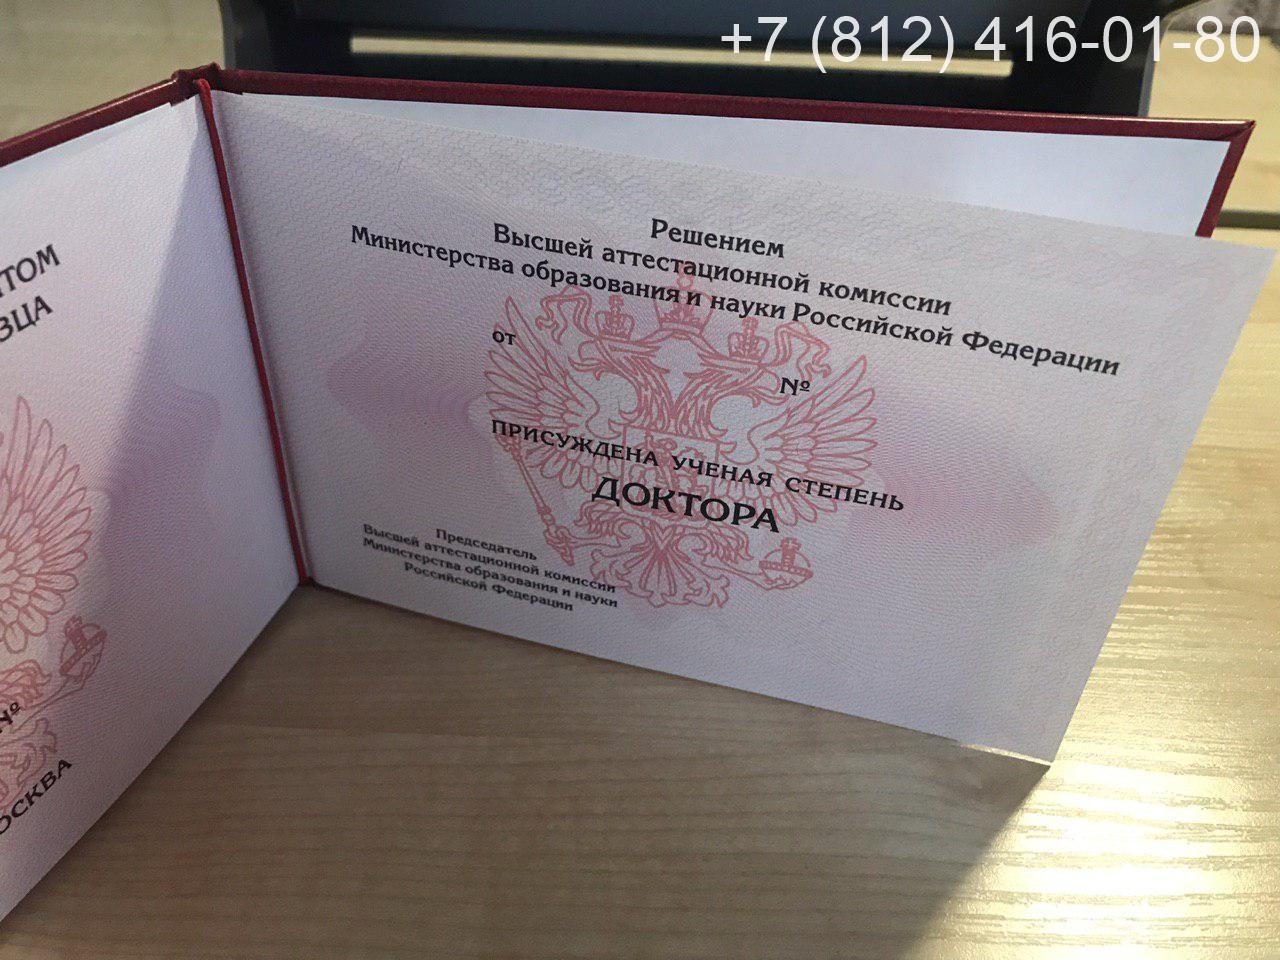 Диплом доктора наук, образец, титульный лист-1